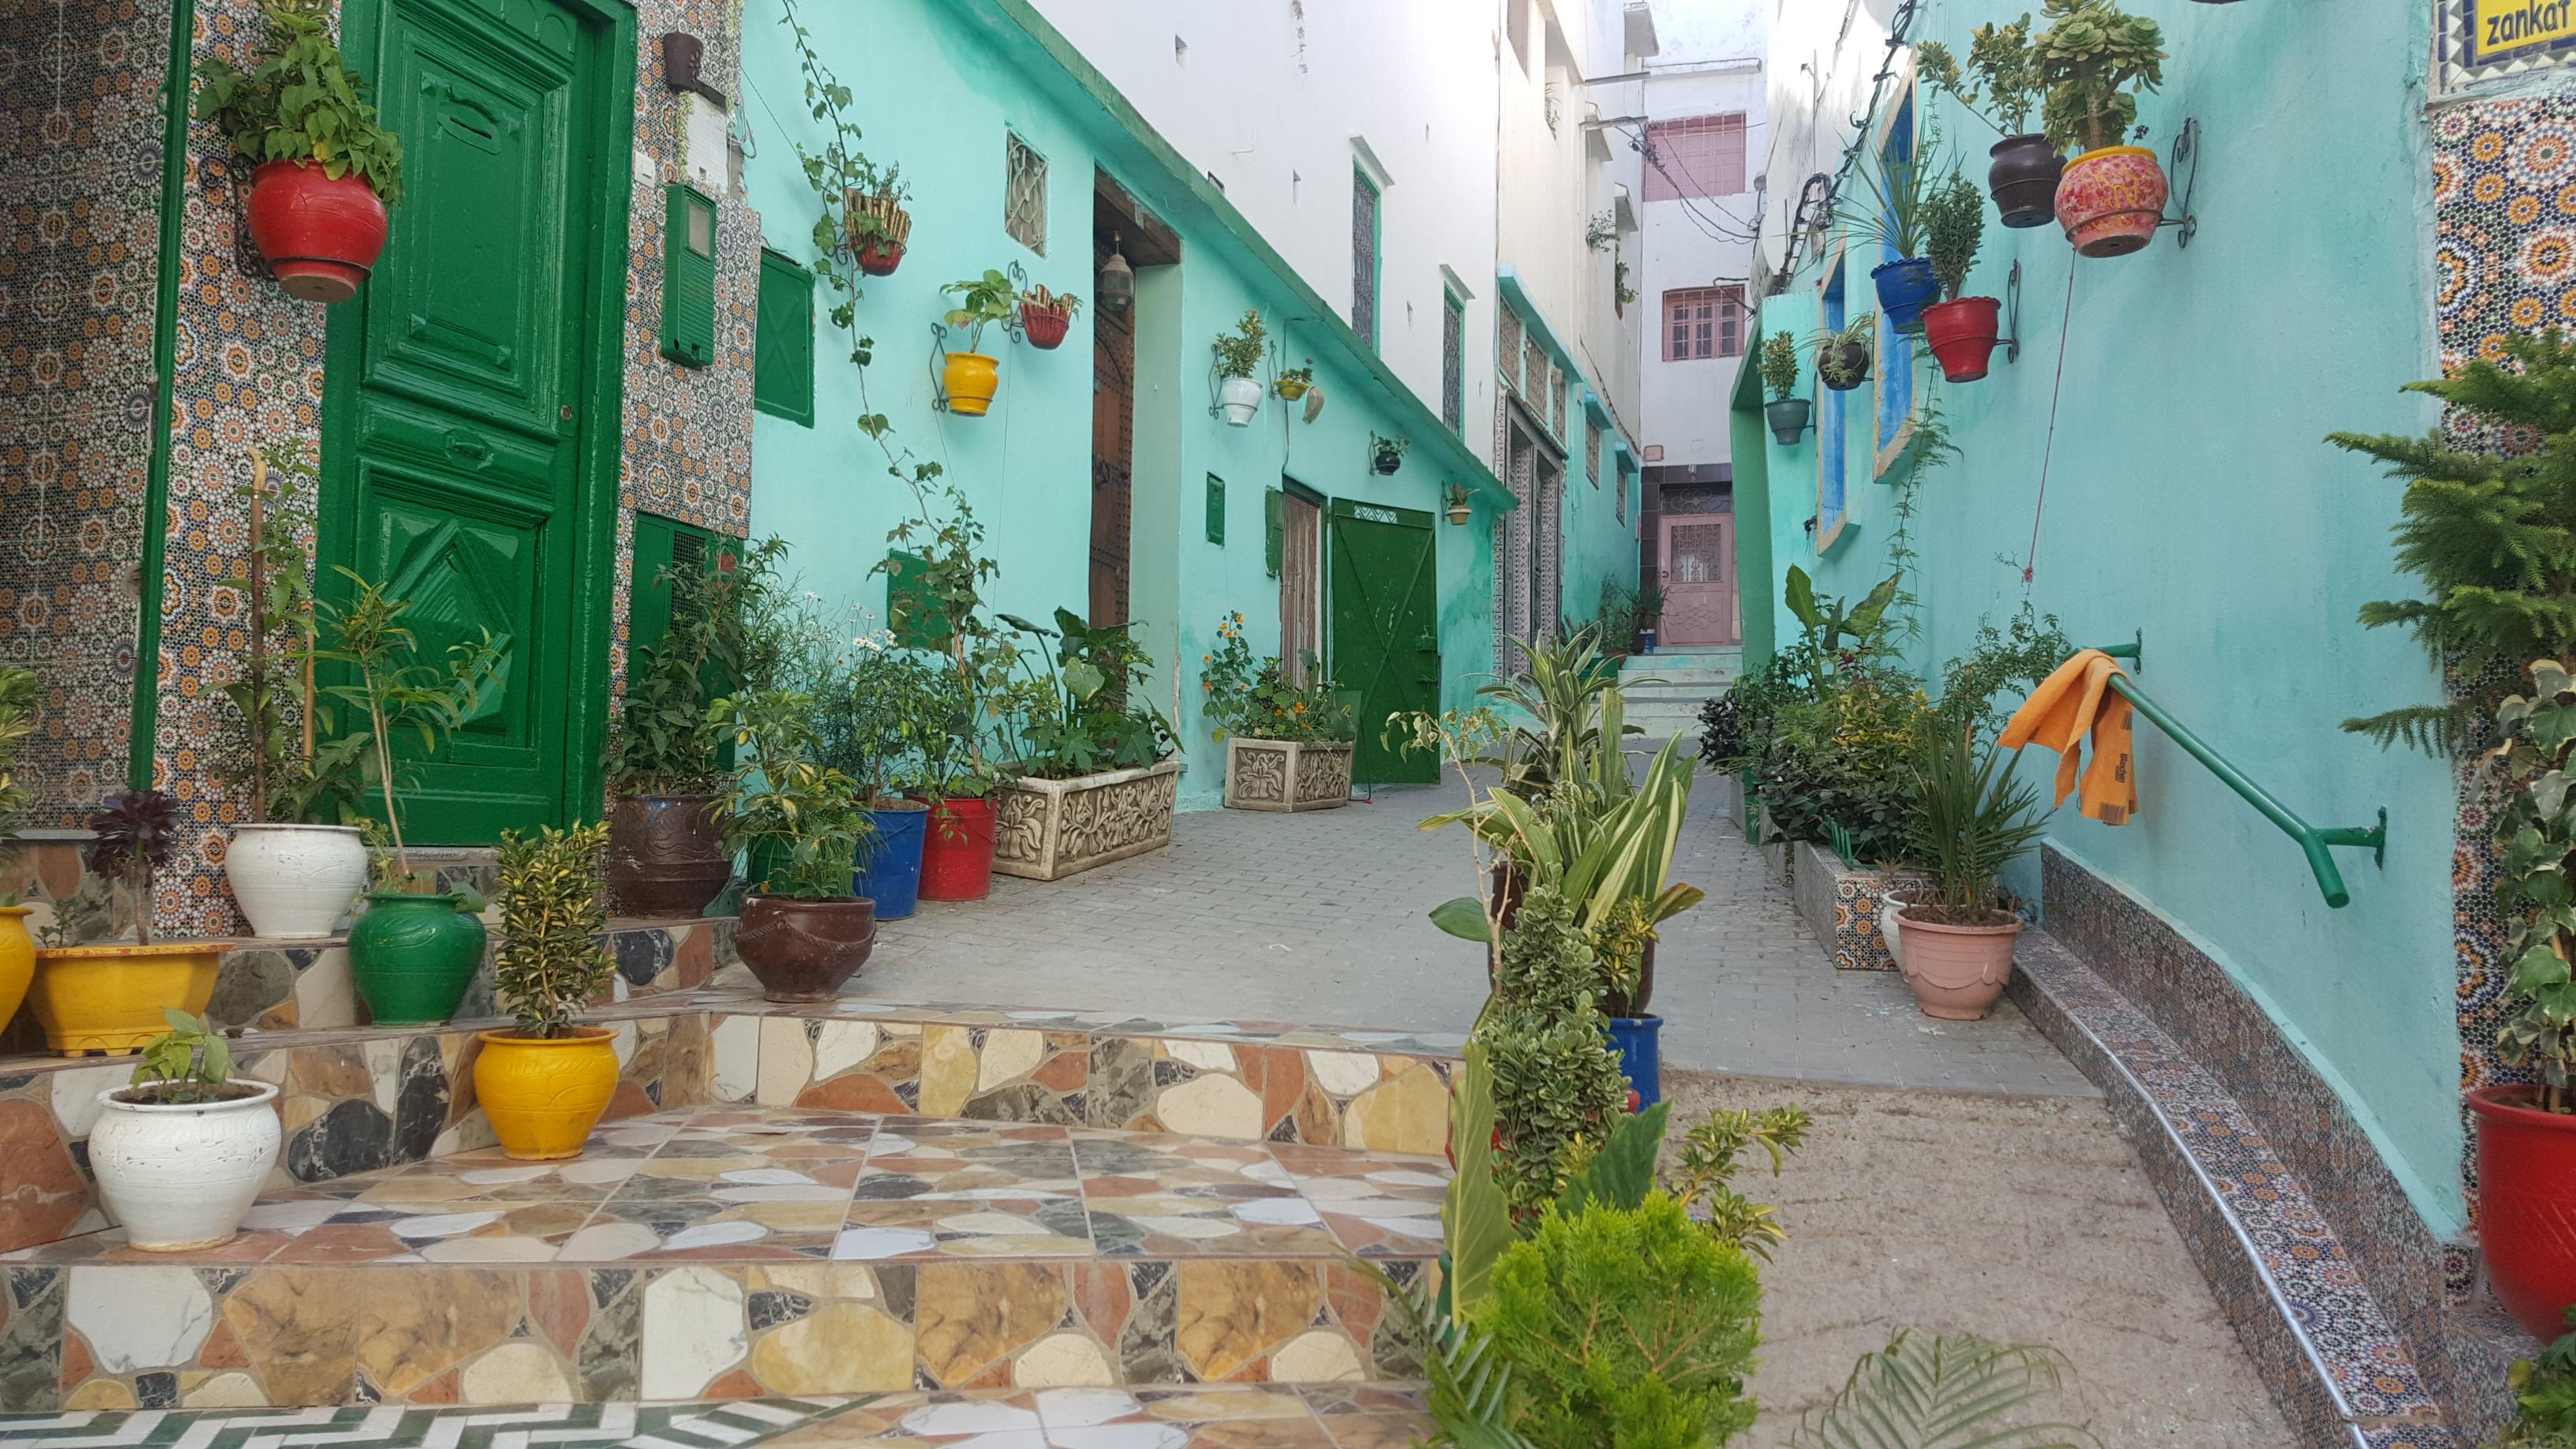 Ouazzane Morocco